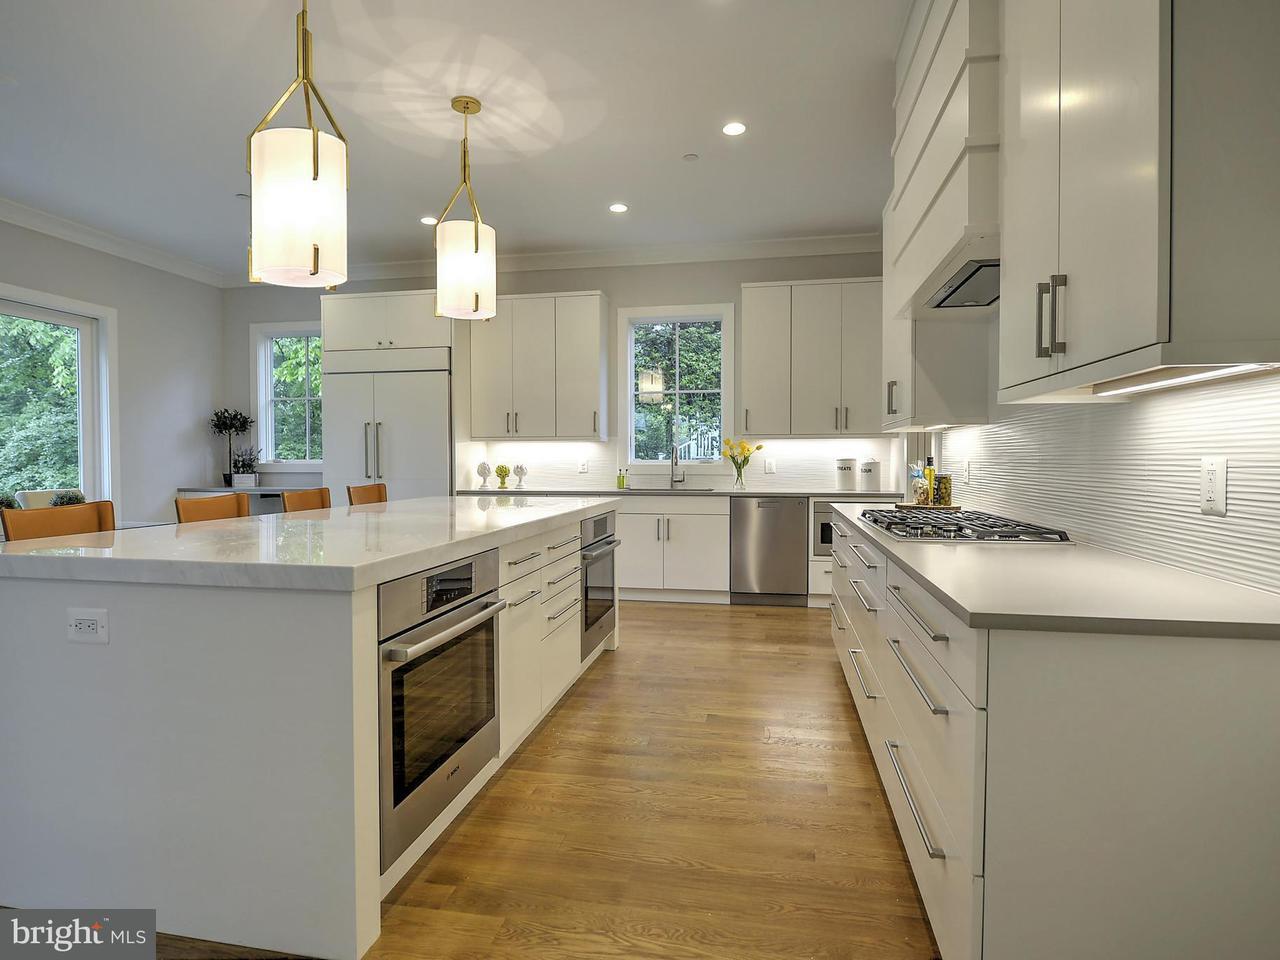 Single Family Home for Sale at 6213 Madawaska Road 6213 Madawaska Road Bethesda, Maryland 20816 United States